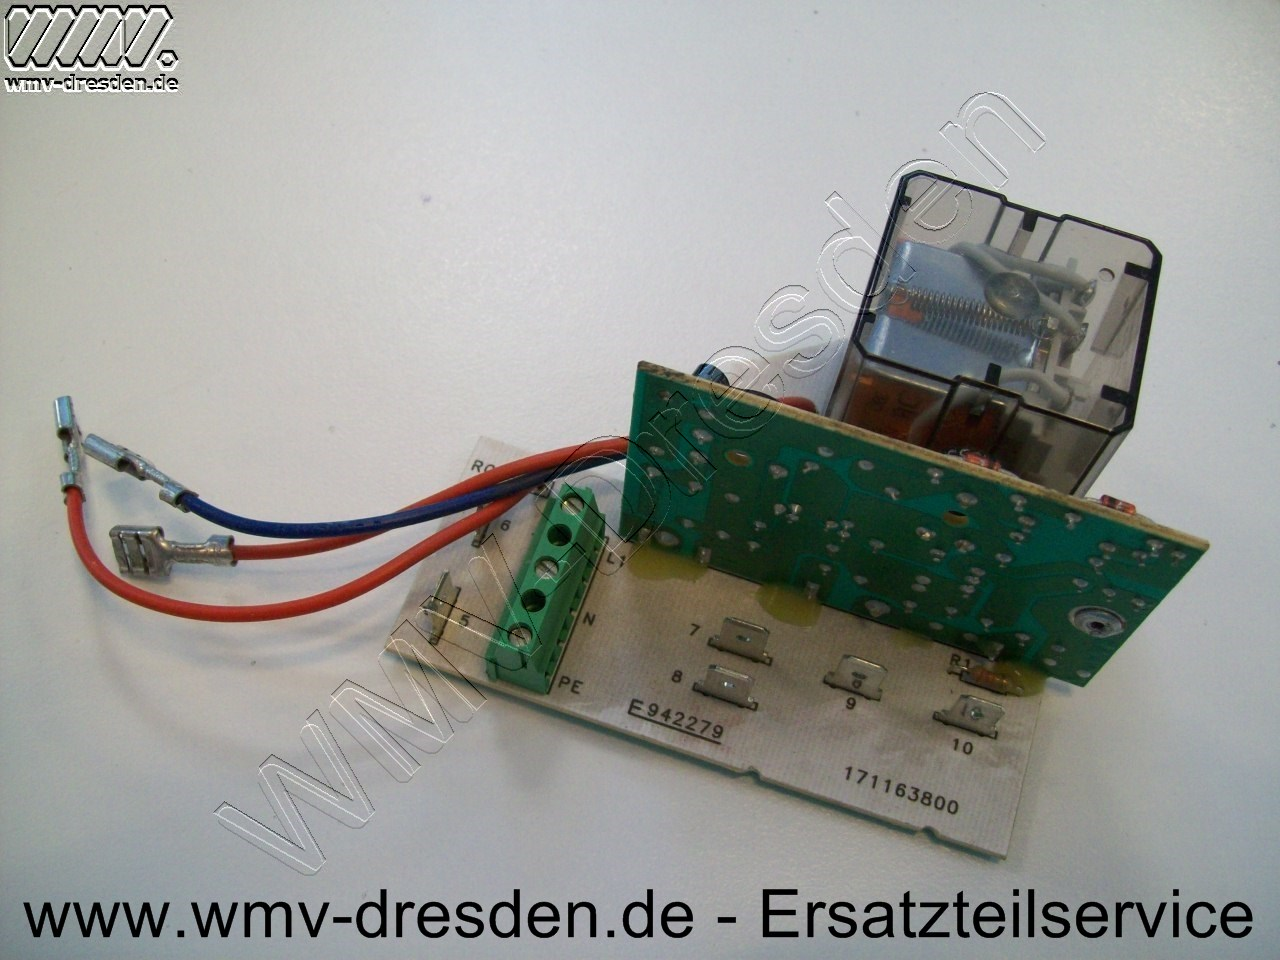 ELEKTRONIK KIT, mit Bremse - Artikel nicht mehr verfügbar- kein Alternativartikel bekannt.